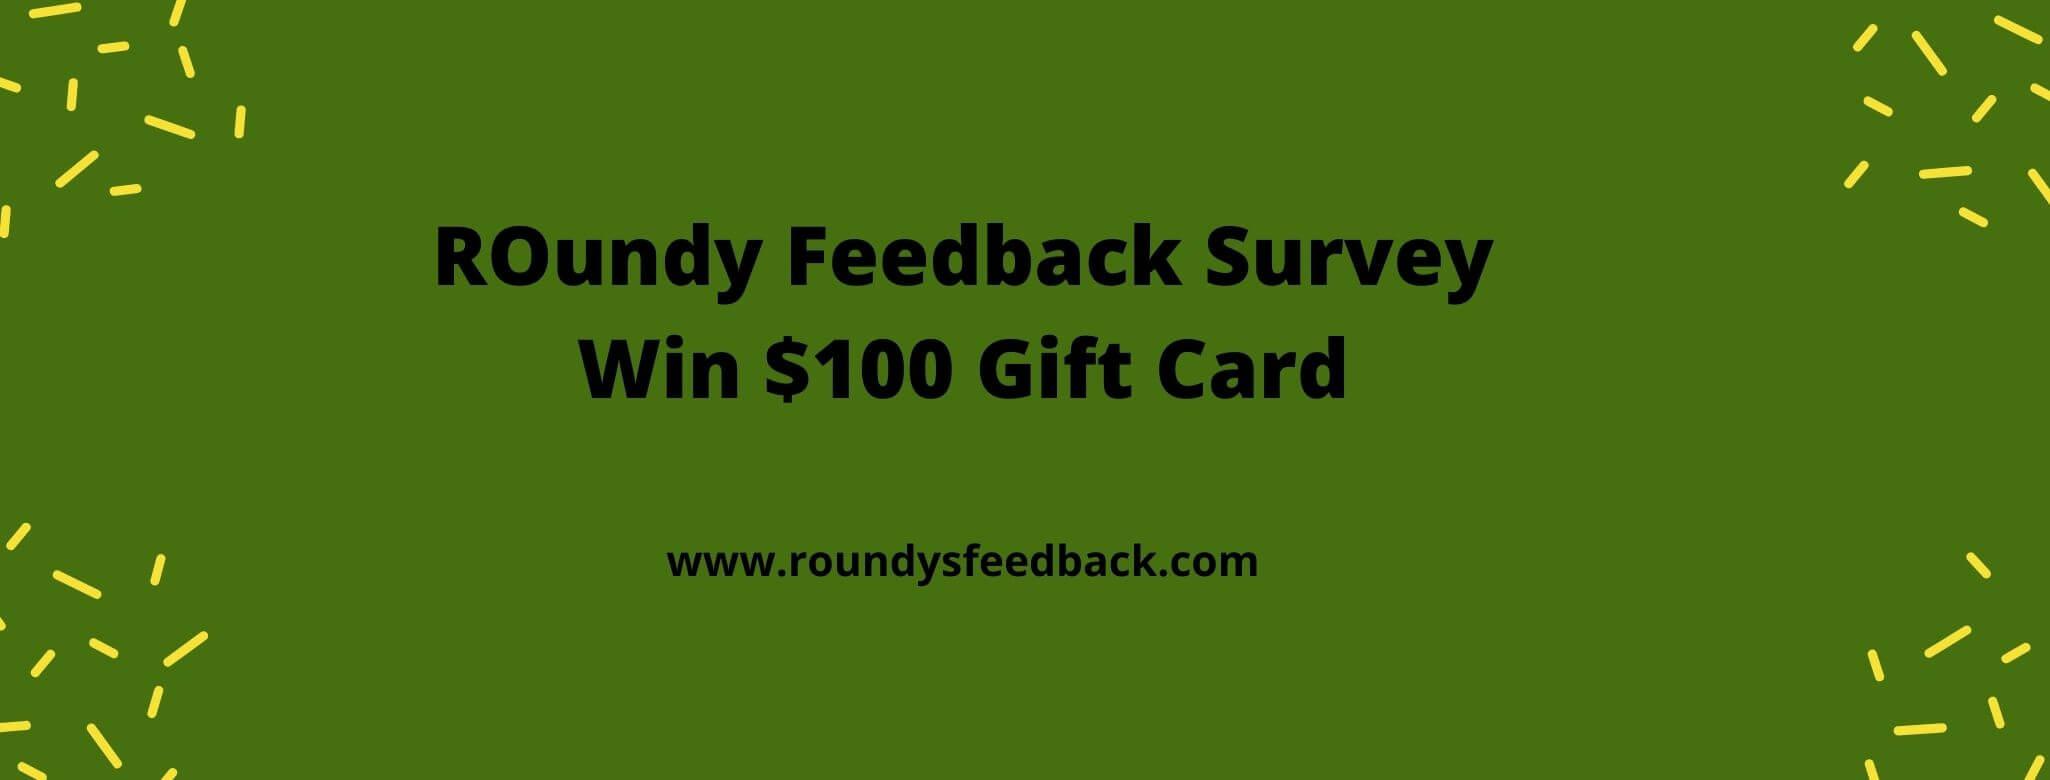 www.roundysfeedback.com survey